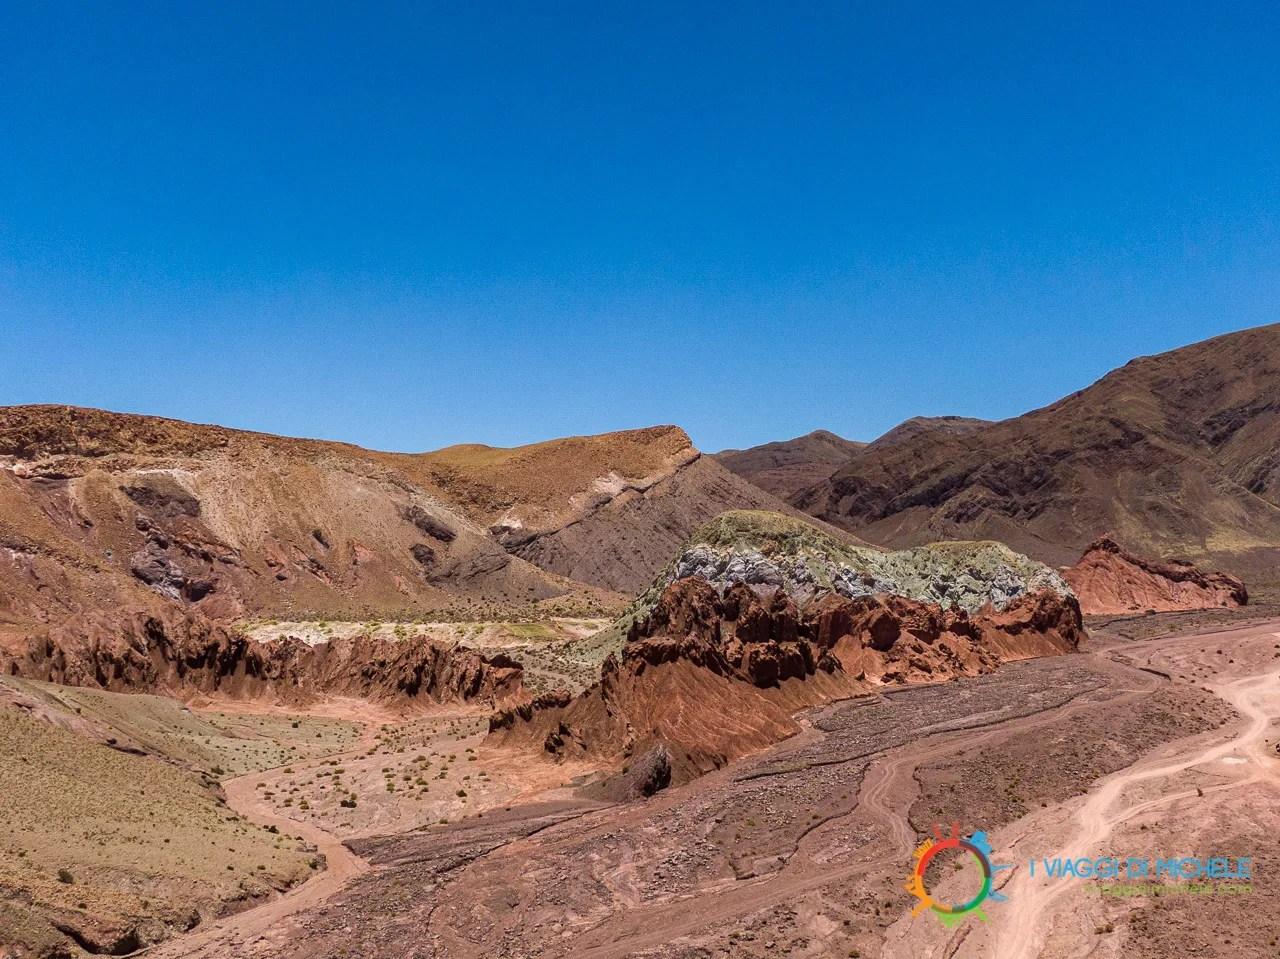 Valle de l'Arcoiris - Cosa vedere a San Pedro de Atacama